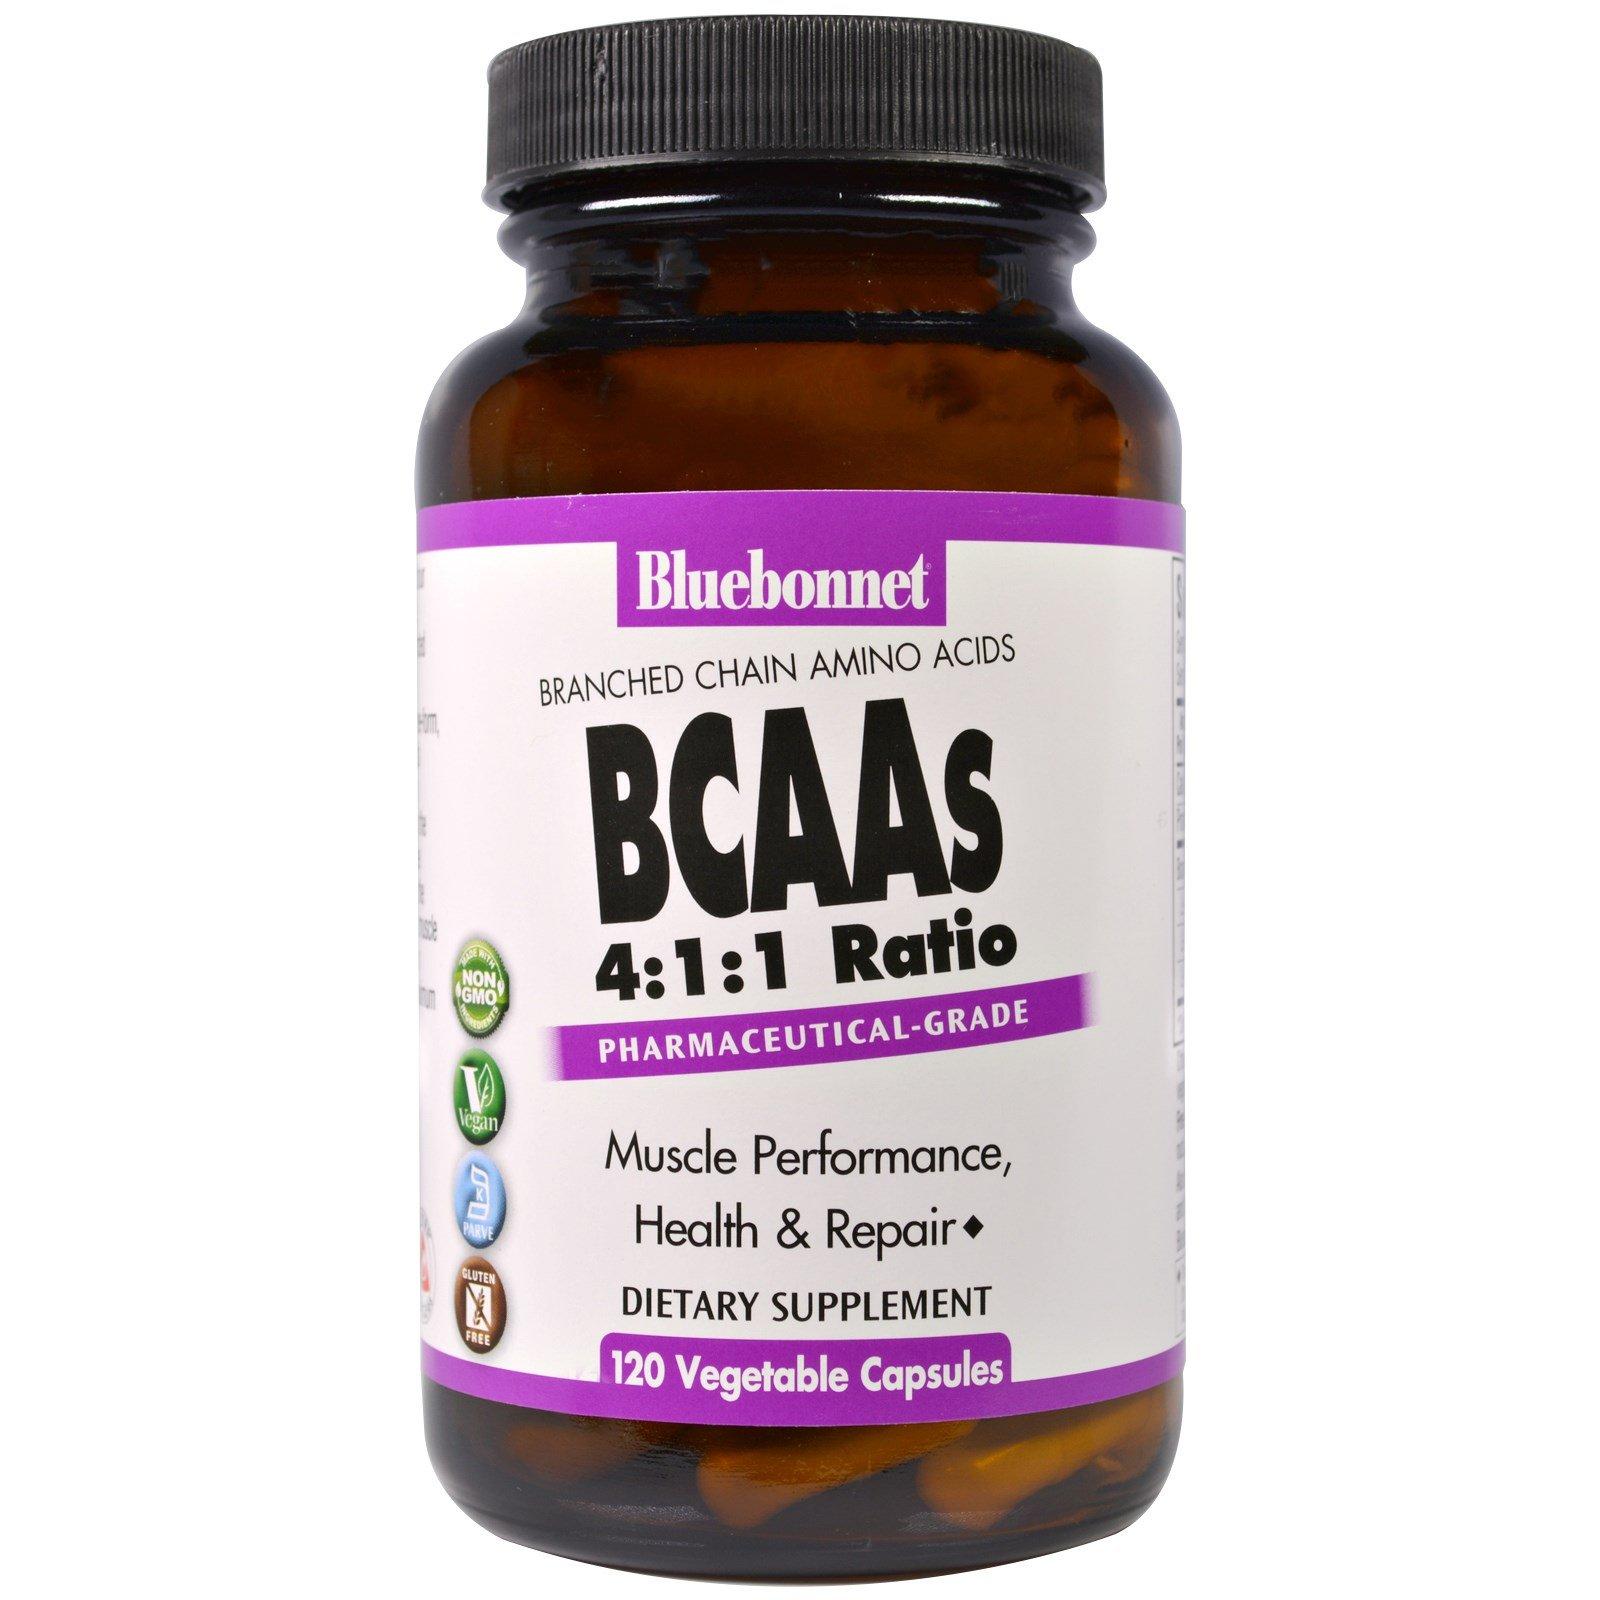 Bluebonnet Nutrition, BCAAs 4:1:1 Ratio (Branched Chain Amino Acids), 120 Veggie Caps - 3PC